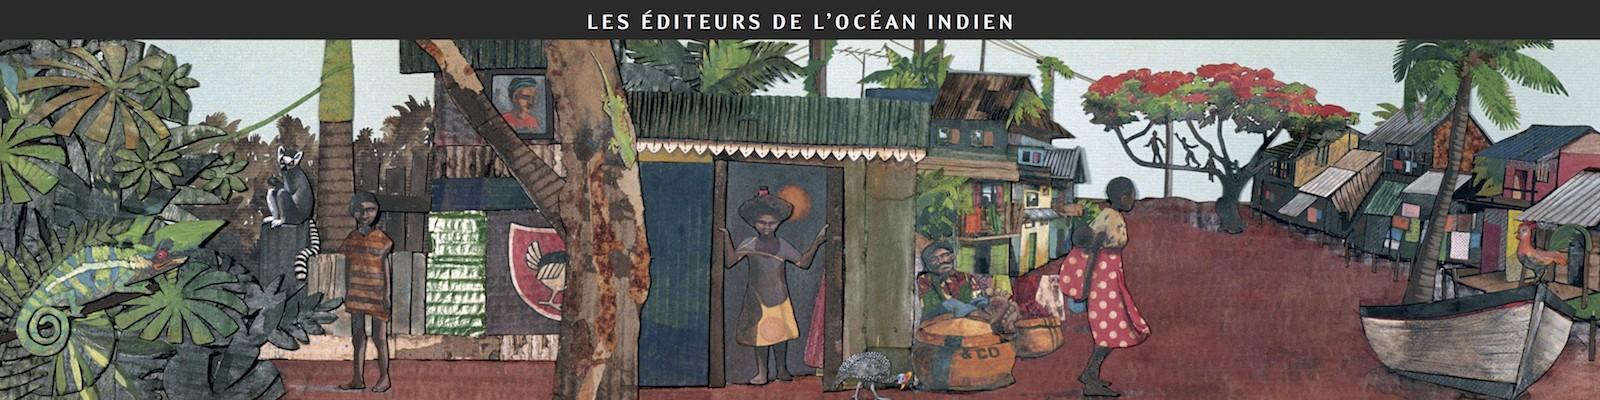 Les éditeurs de l'océan Indien au Salon du livre et de la presse jeunesse de Montreuil 2011 - Dessin d'Aurélia Moynot Gabrielle Wiehe